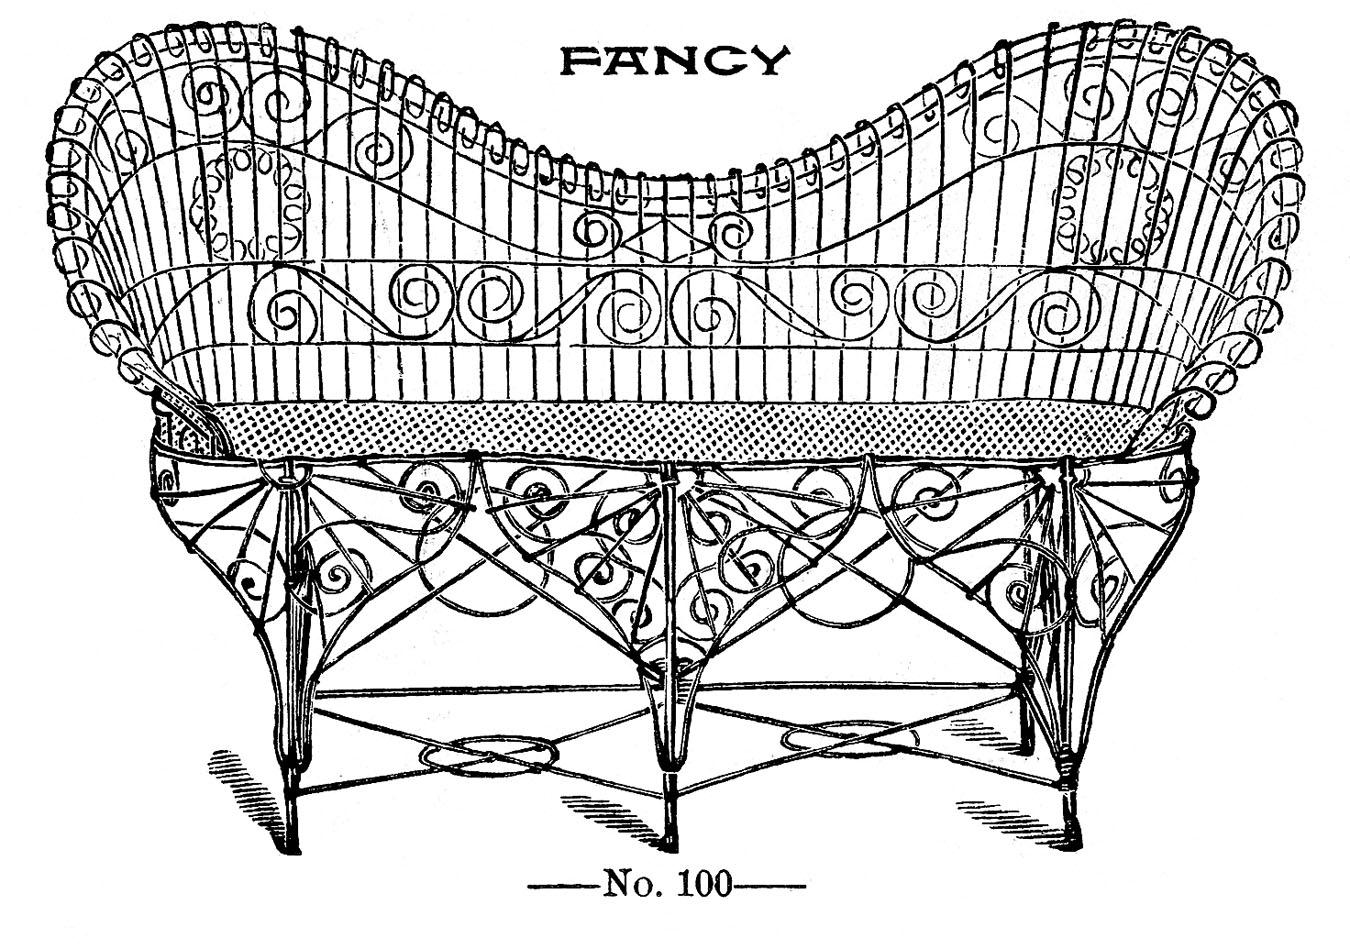 vintage clip art - fancy wire settee - garden